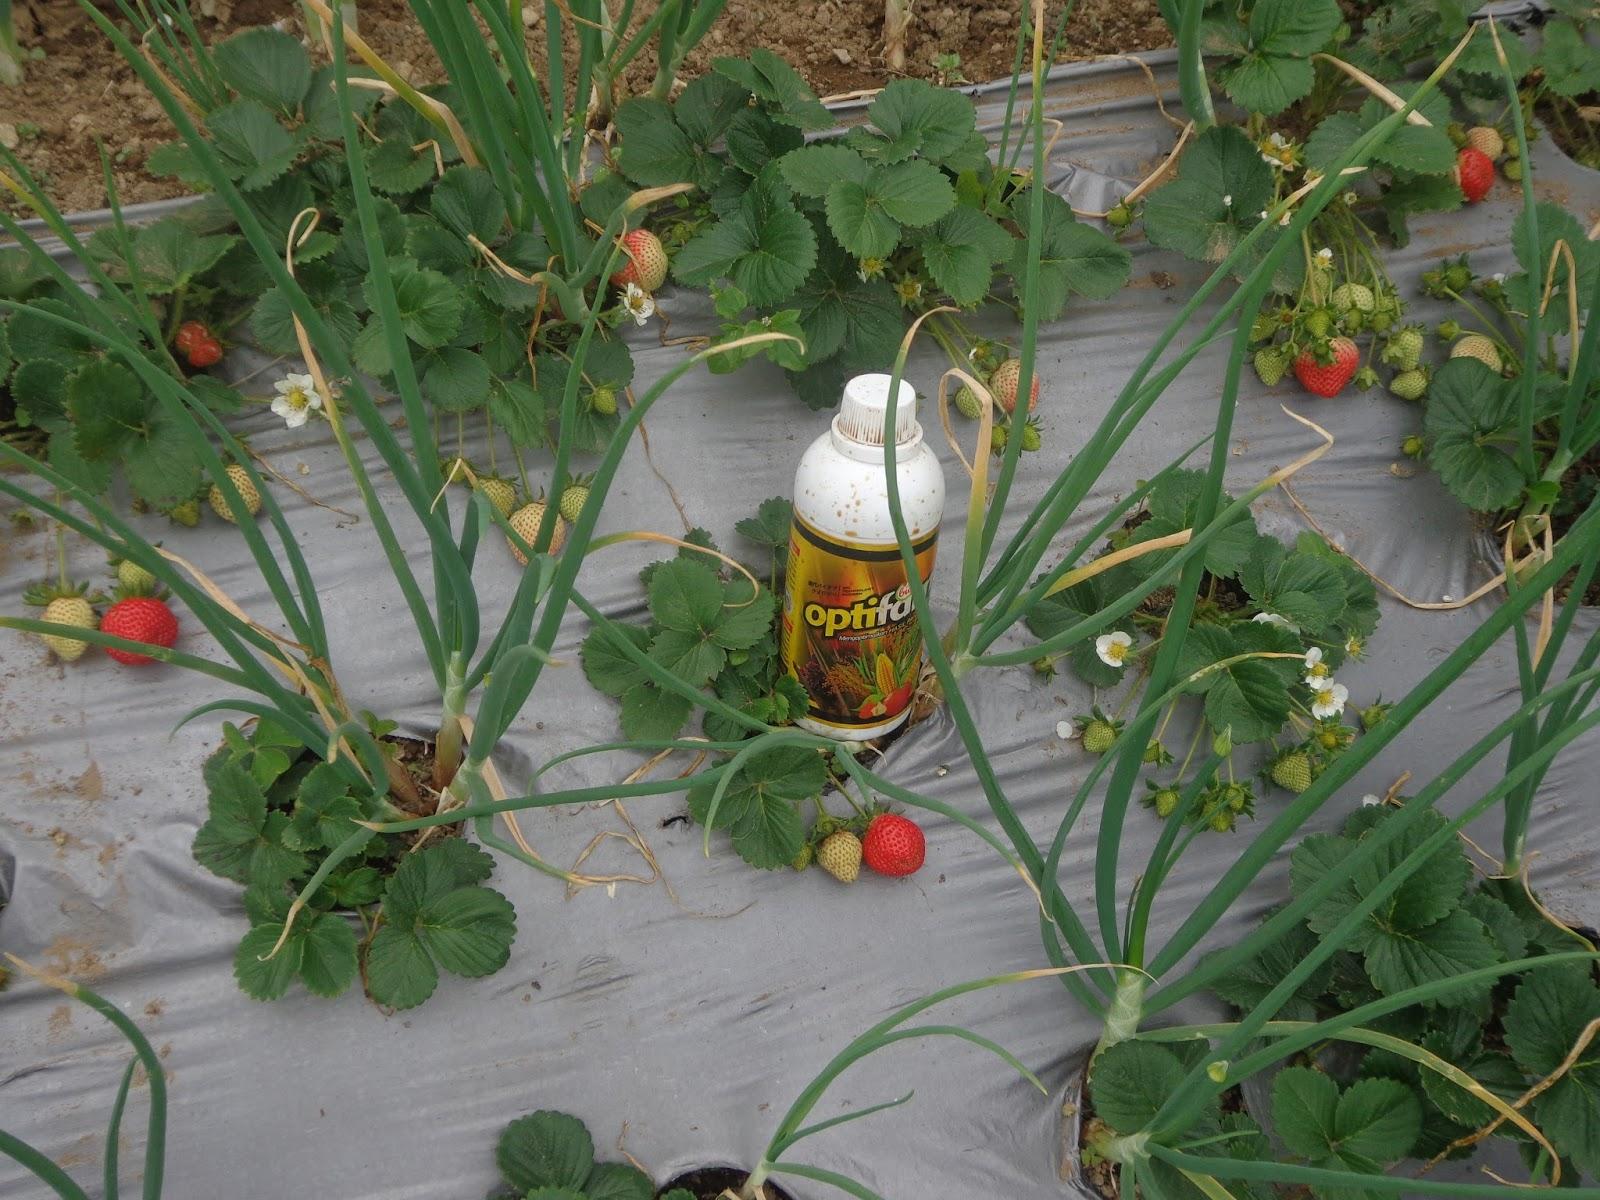 Kedua tanaman tumbuh optimal, tanpa berebut nutrisi